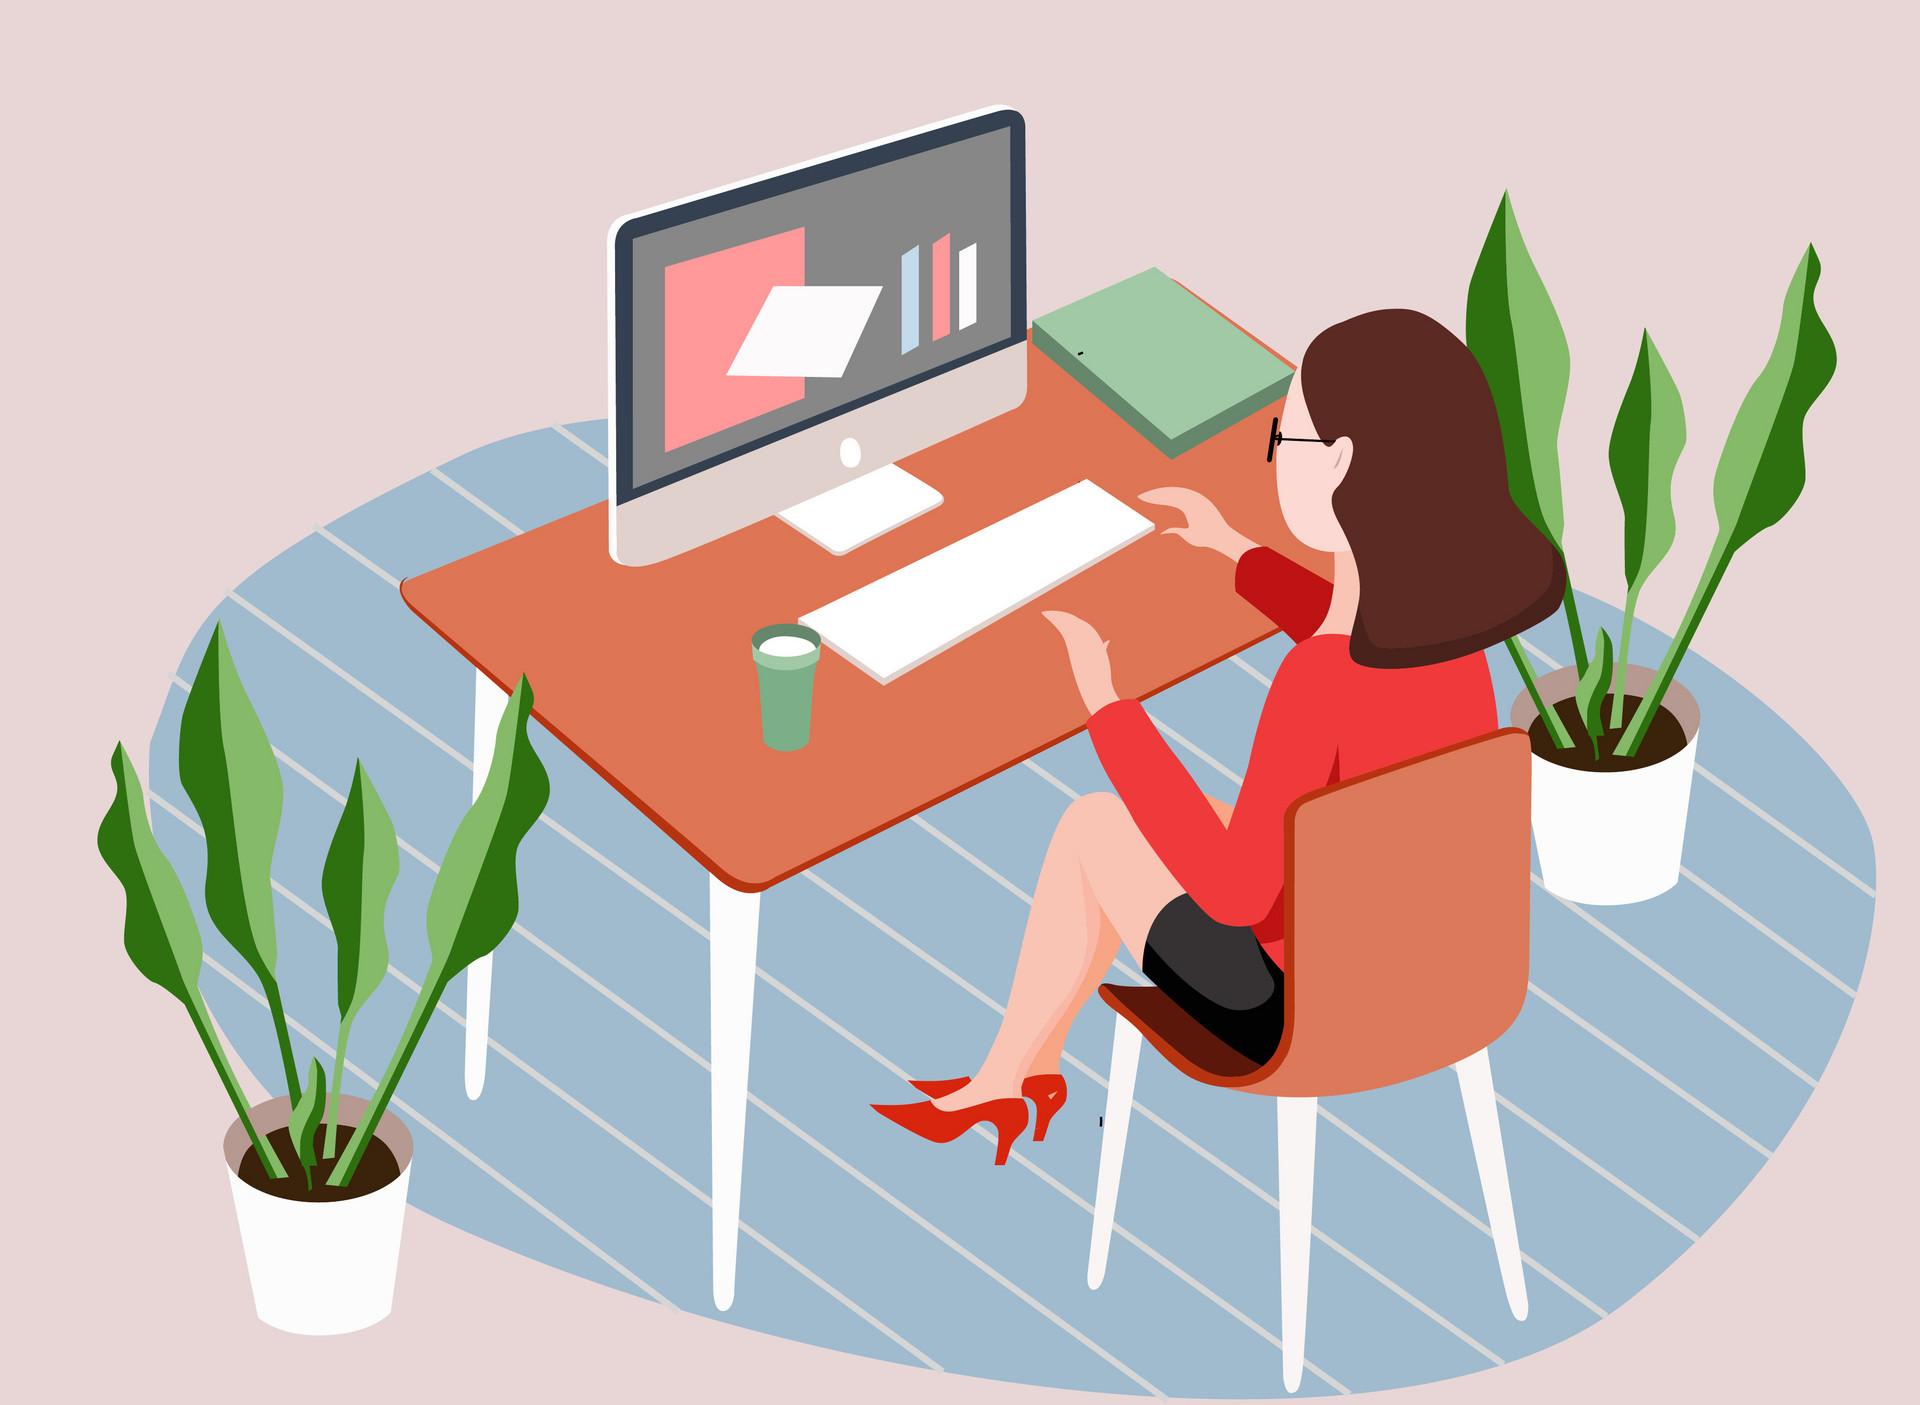 减少制作工资条烦恼,快使用工资条在线制作平台